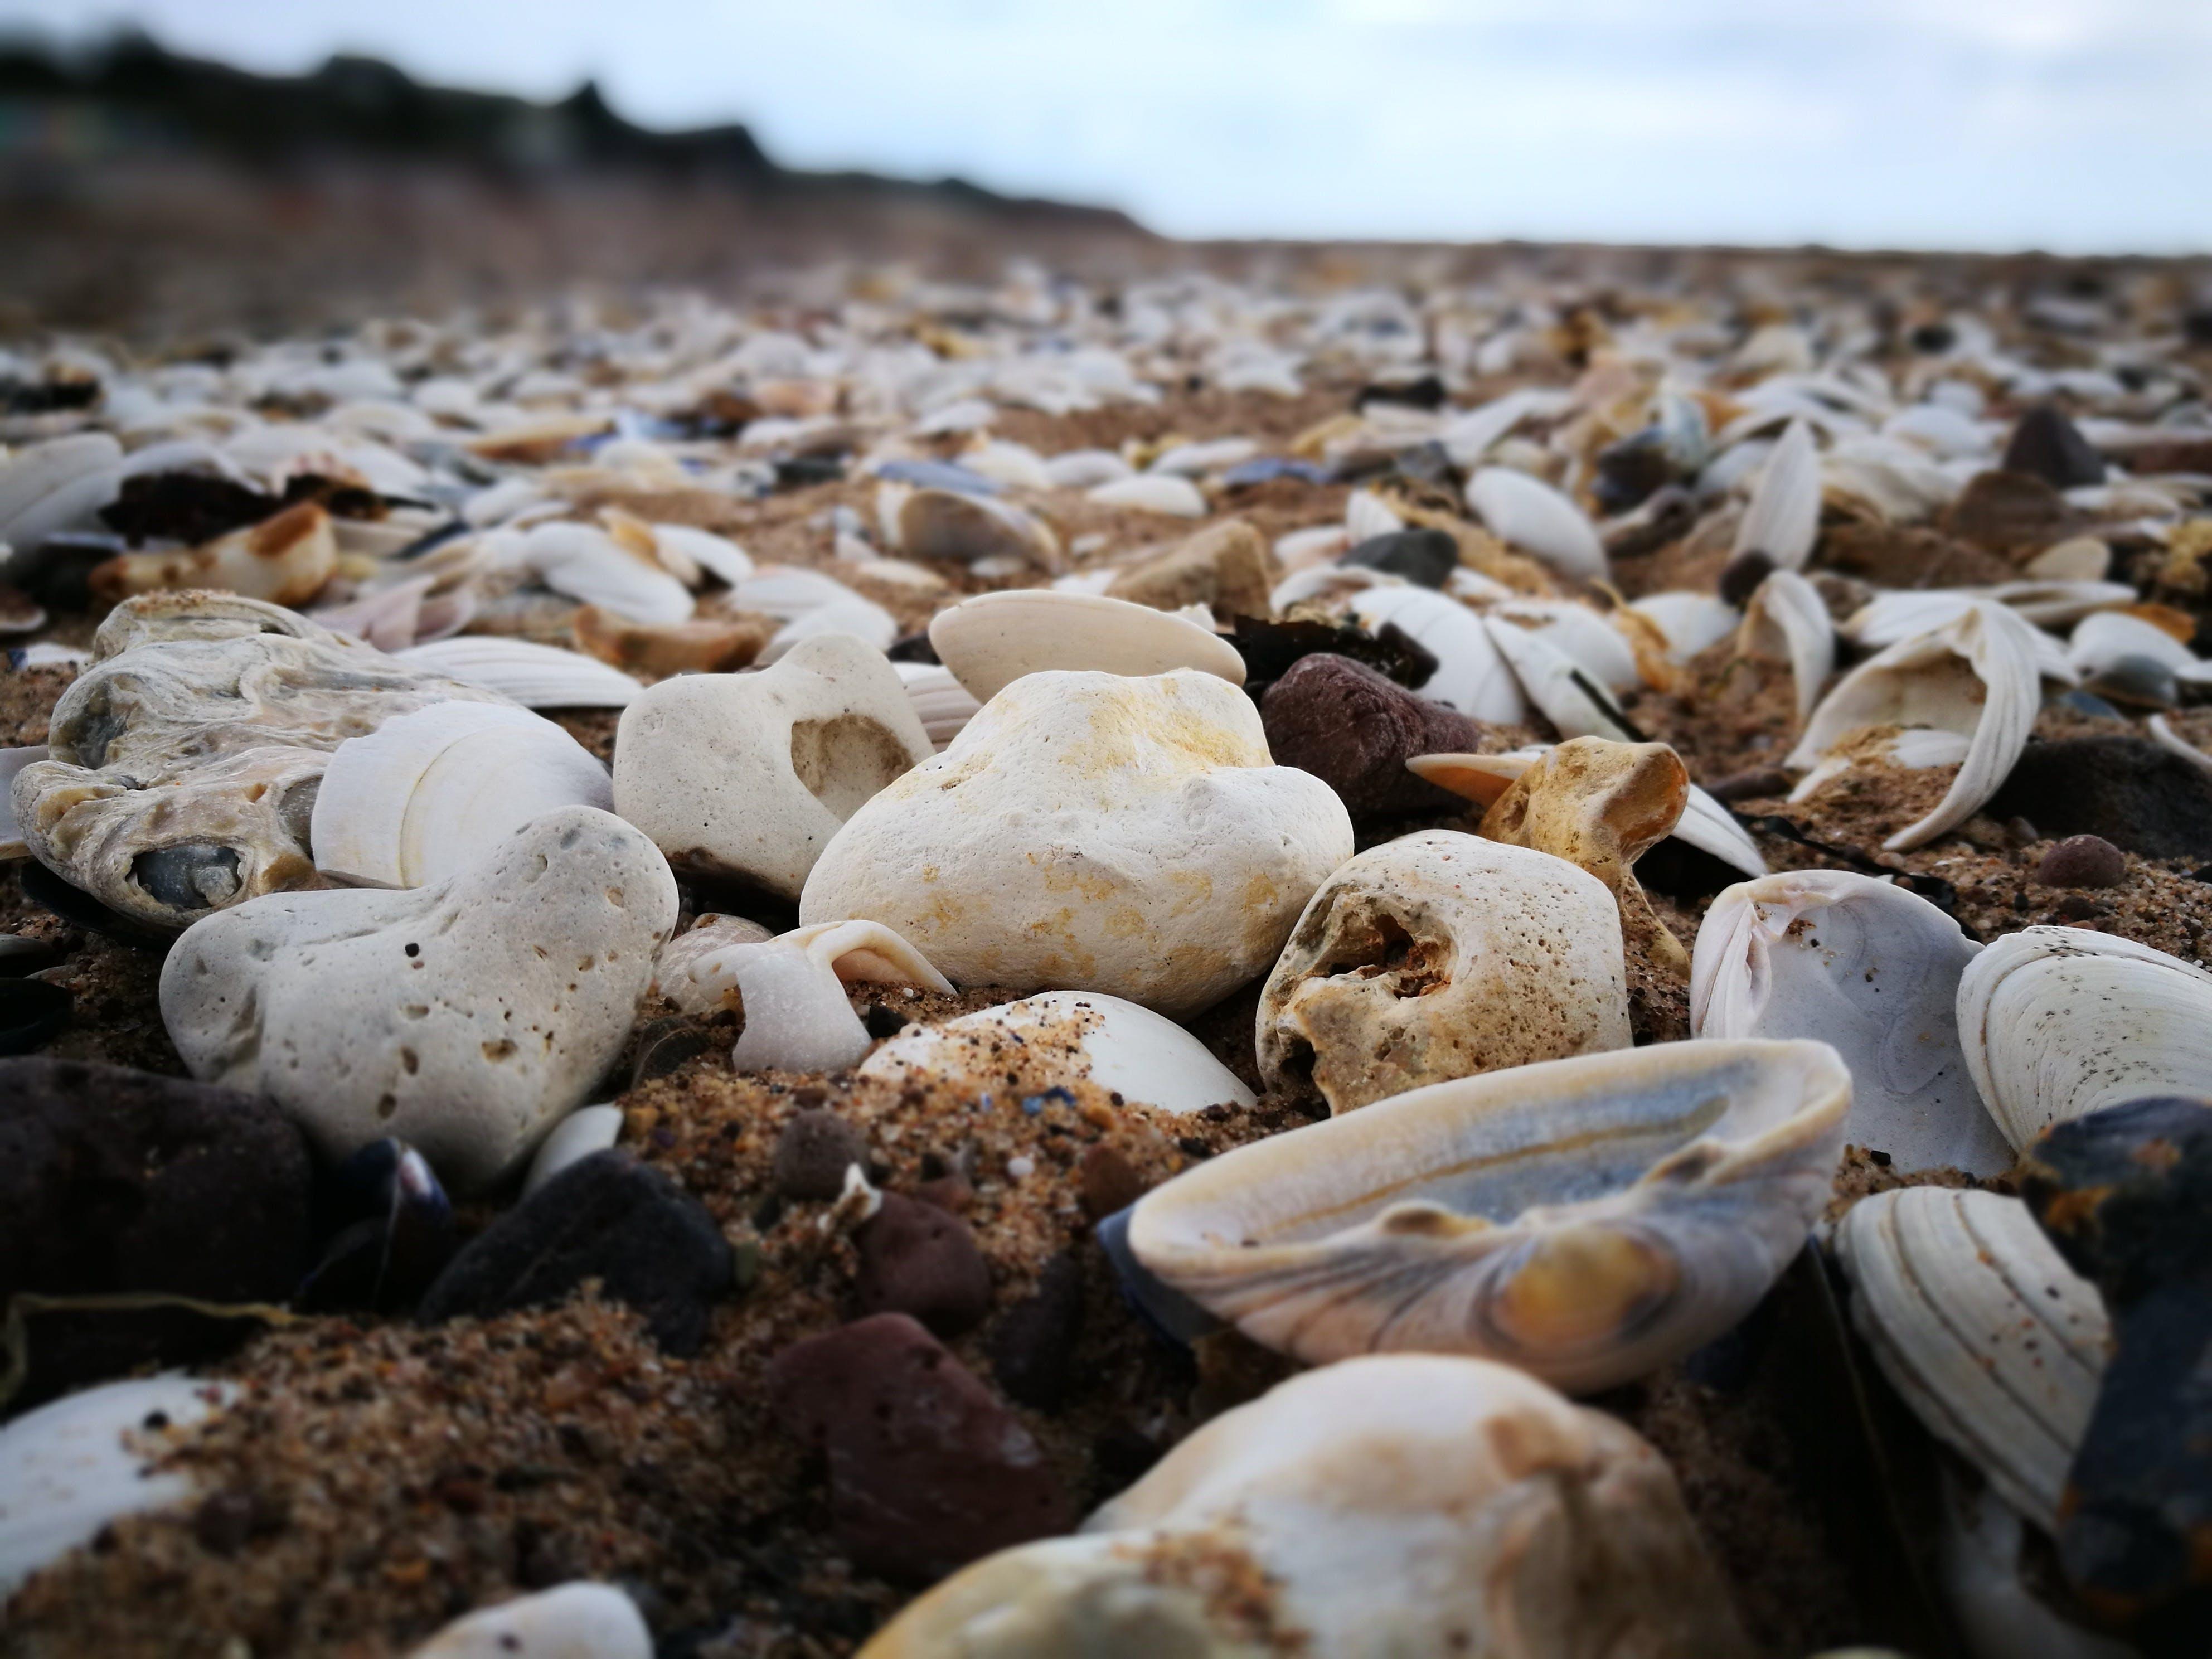 모래, 바다, 바위, 자갈의 무료 스톡 사진